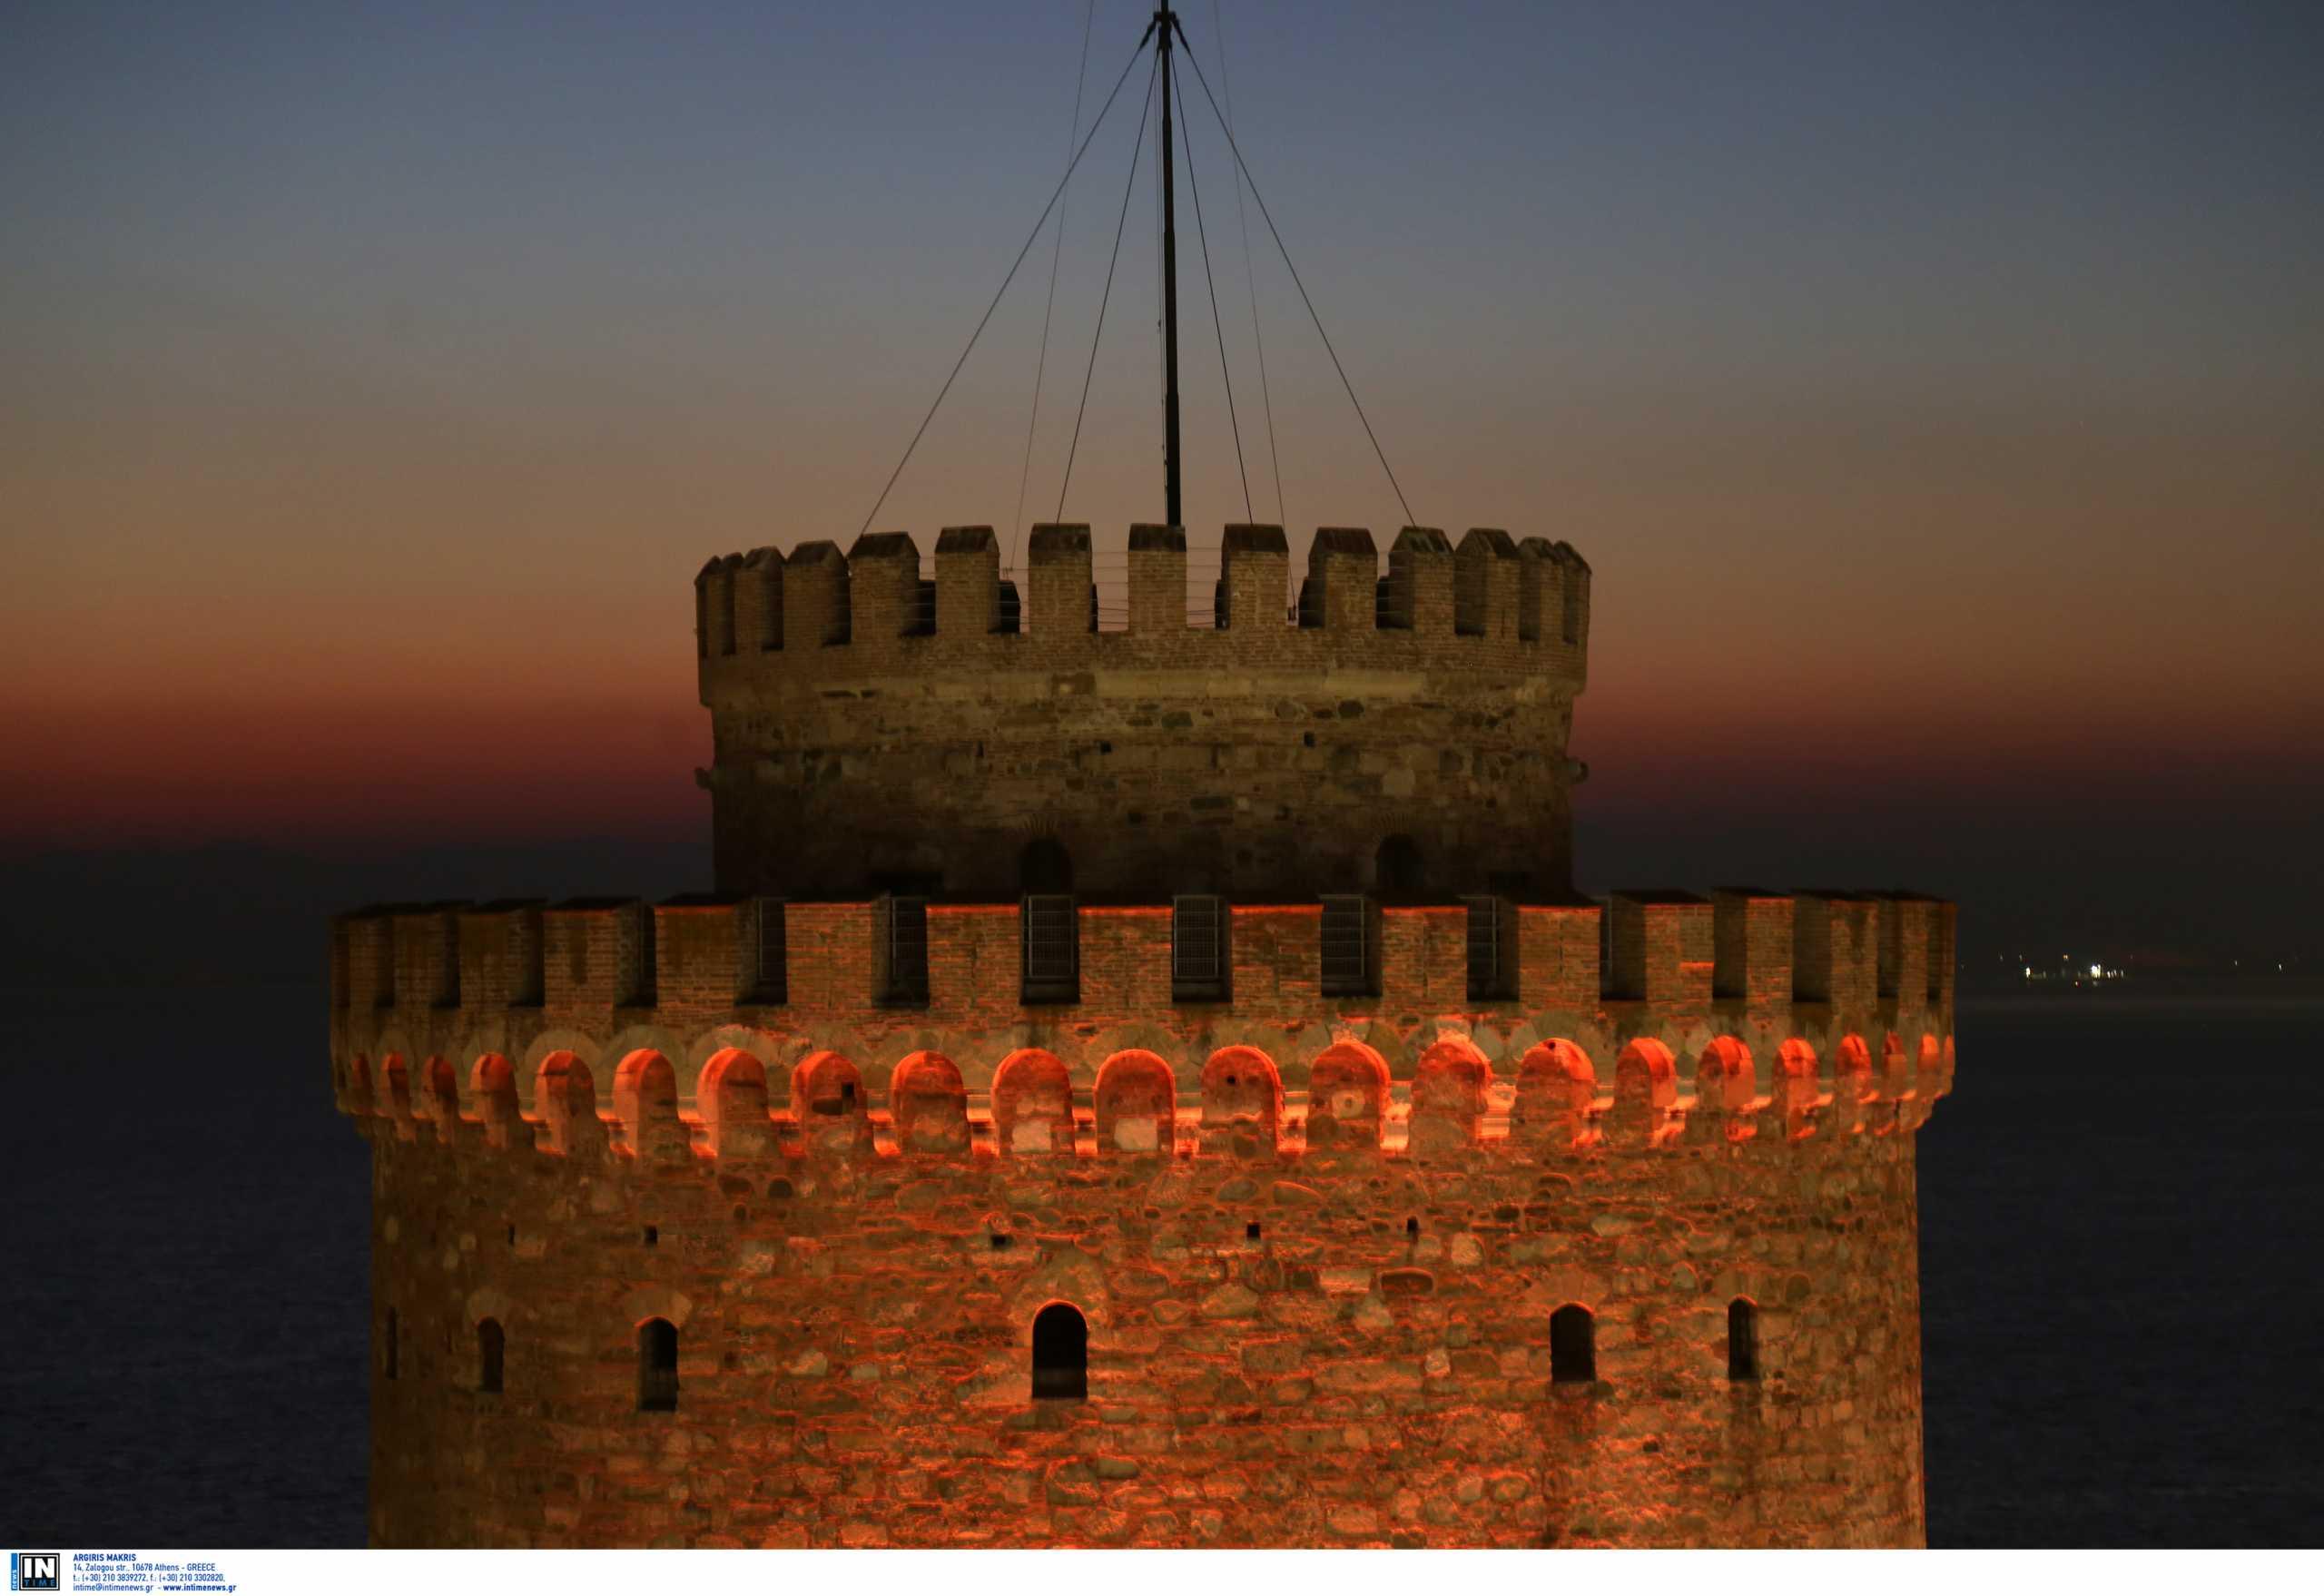 Κώστας Καραμανλής: Αυτό είναι το σχέδιο για τη Θεσσαλονίκη της επόμενης δεκαετίας